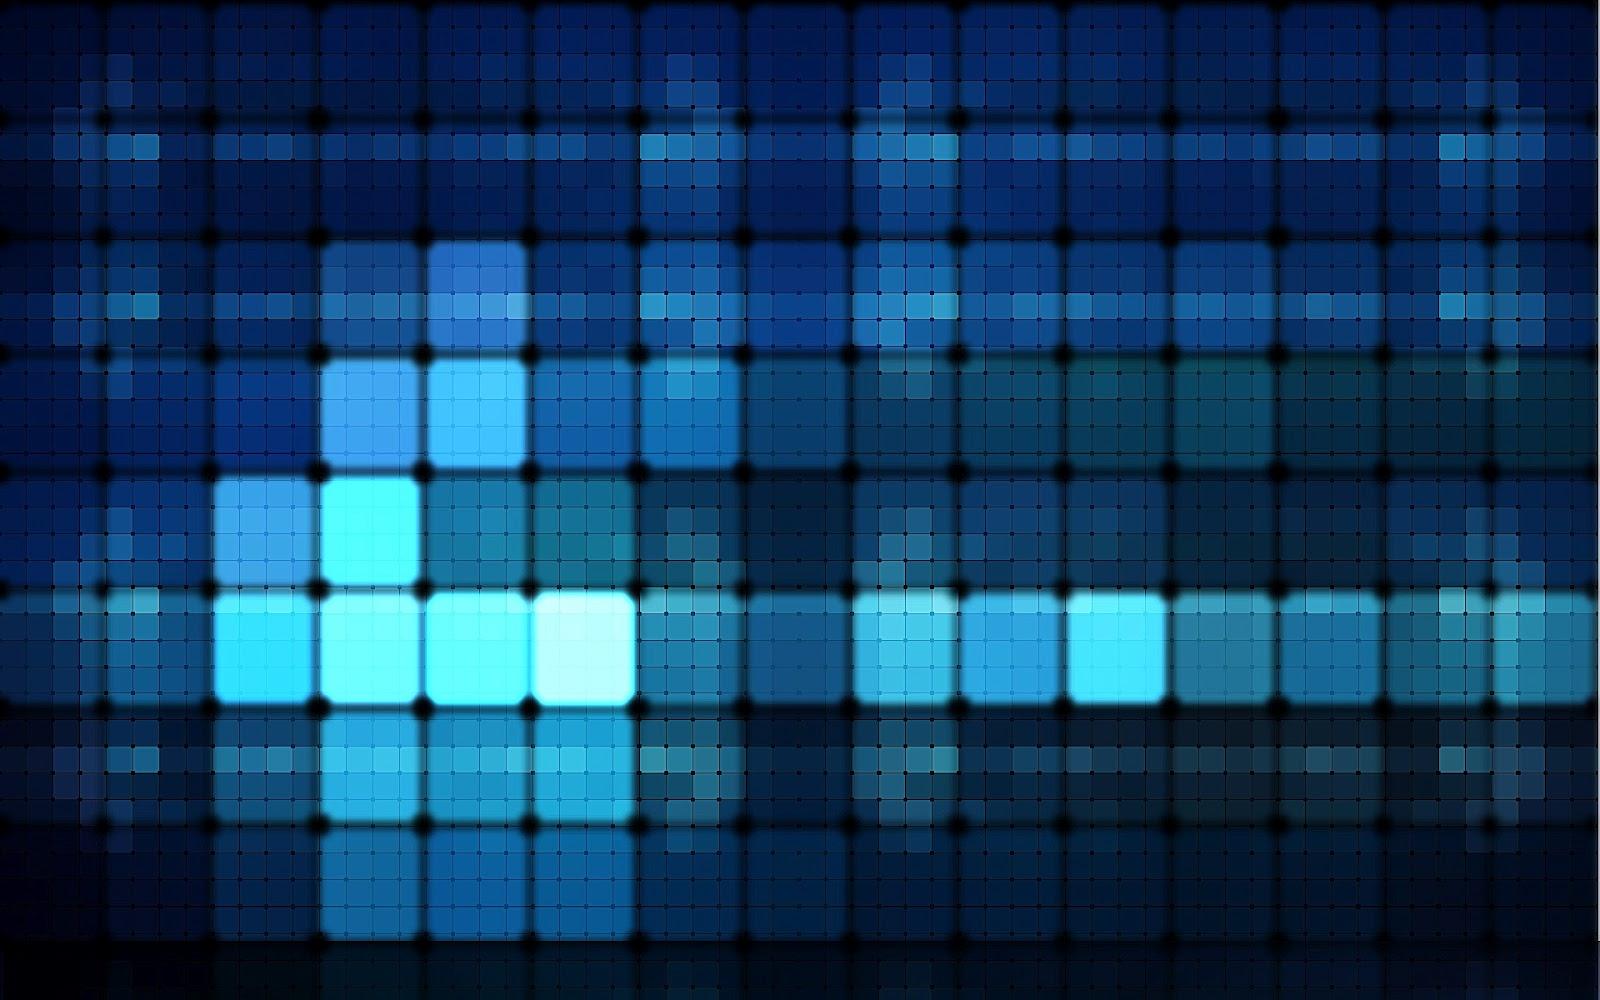 http://4.bp.blogspot.com/-9lP2RNq3ymU/T0OENcDxKJI/AAAAAAAADdA/rl21VO9emA0/s1600/Abstract+Blue+Cubes.jpg